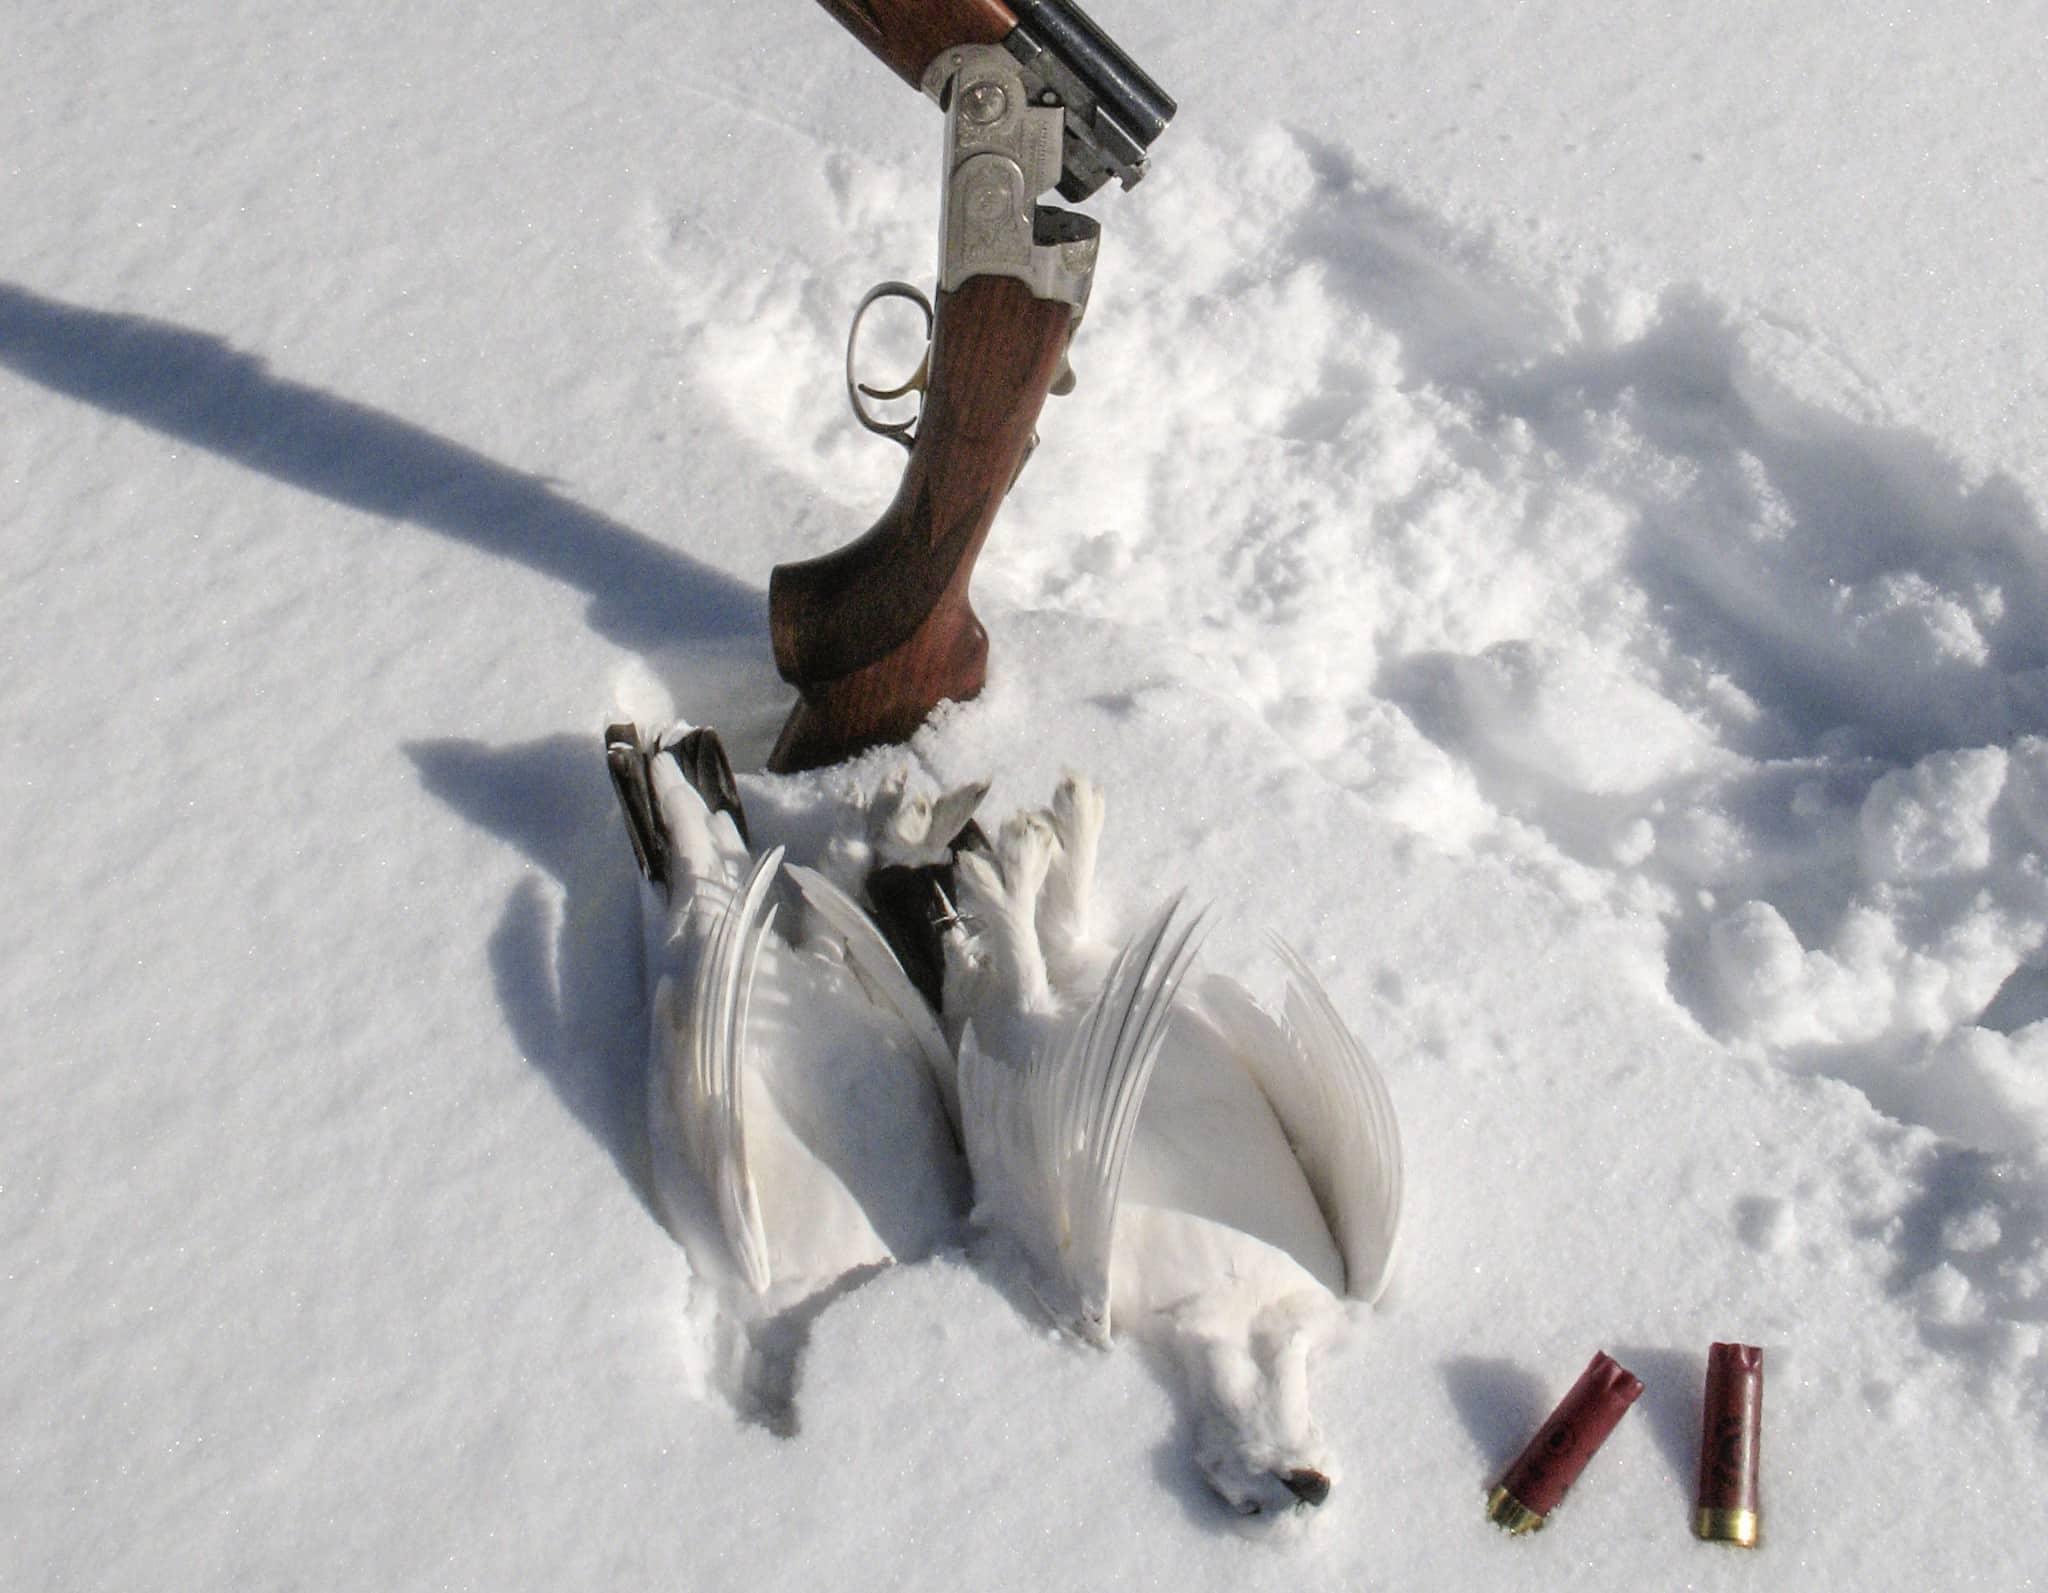 Det är inte självklart att din favoritpatron från hösten även fungerar bra under vinterjakt. Kalla temperaturer kan ge sänkt utgångshastighet, så provskjut före jakten.